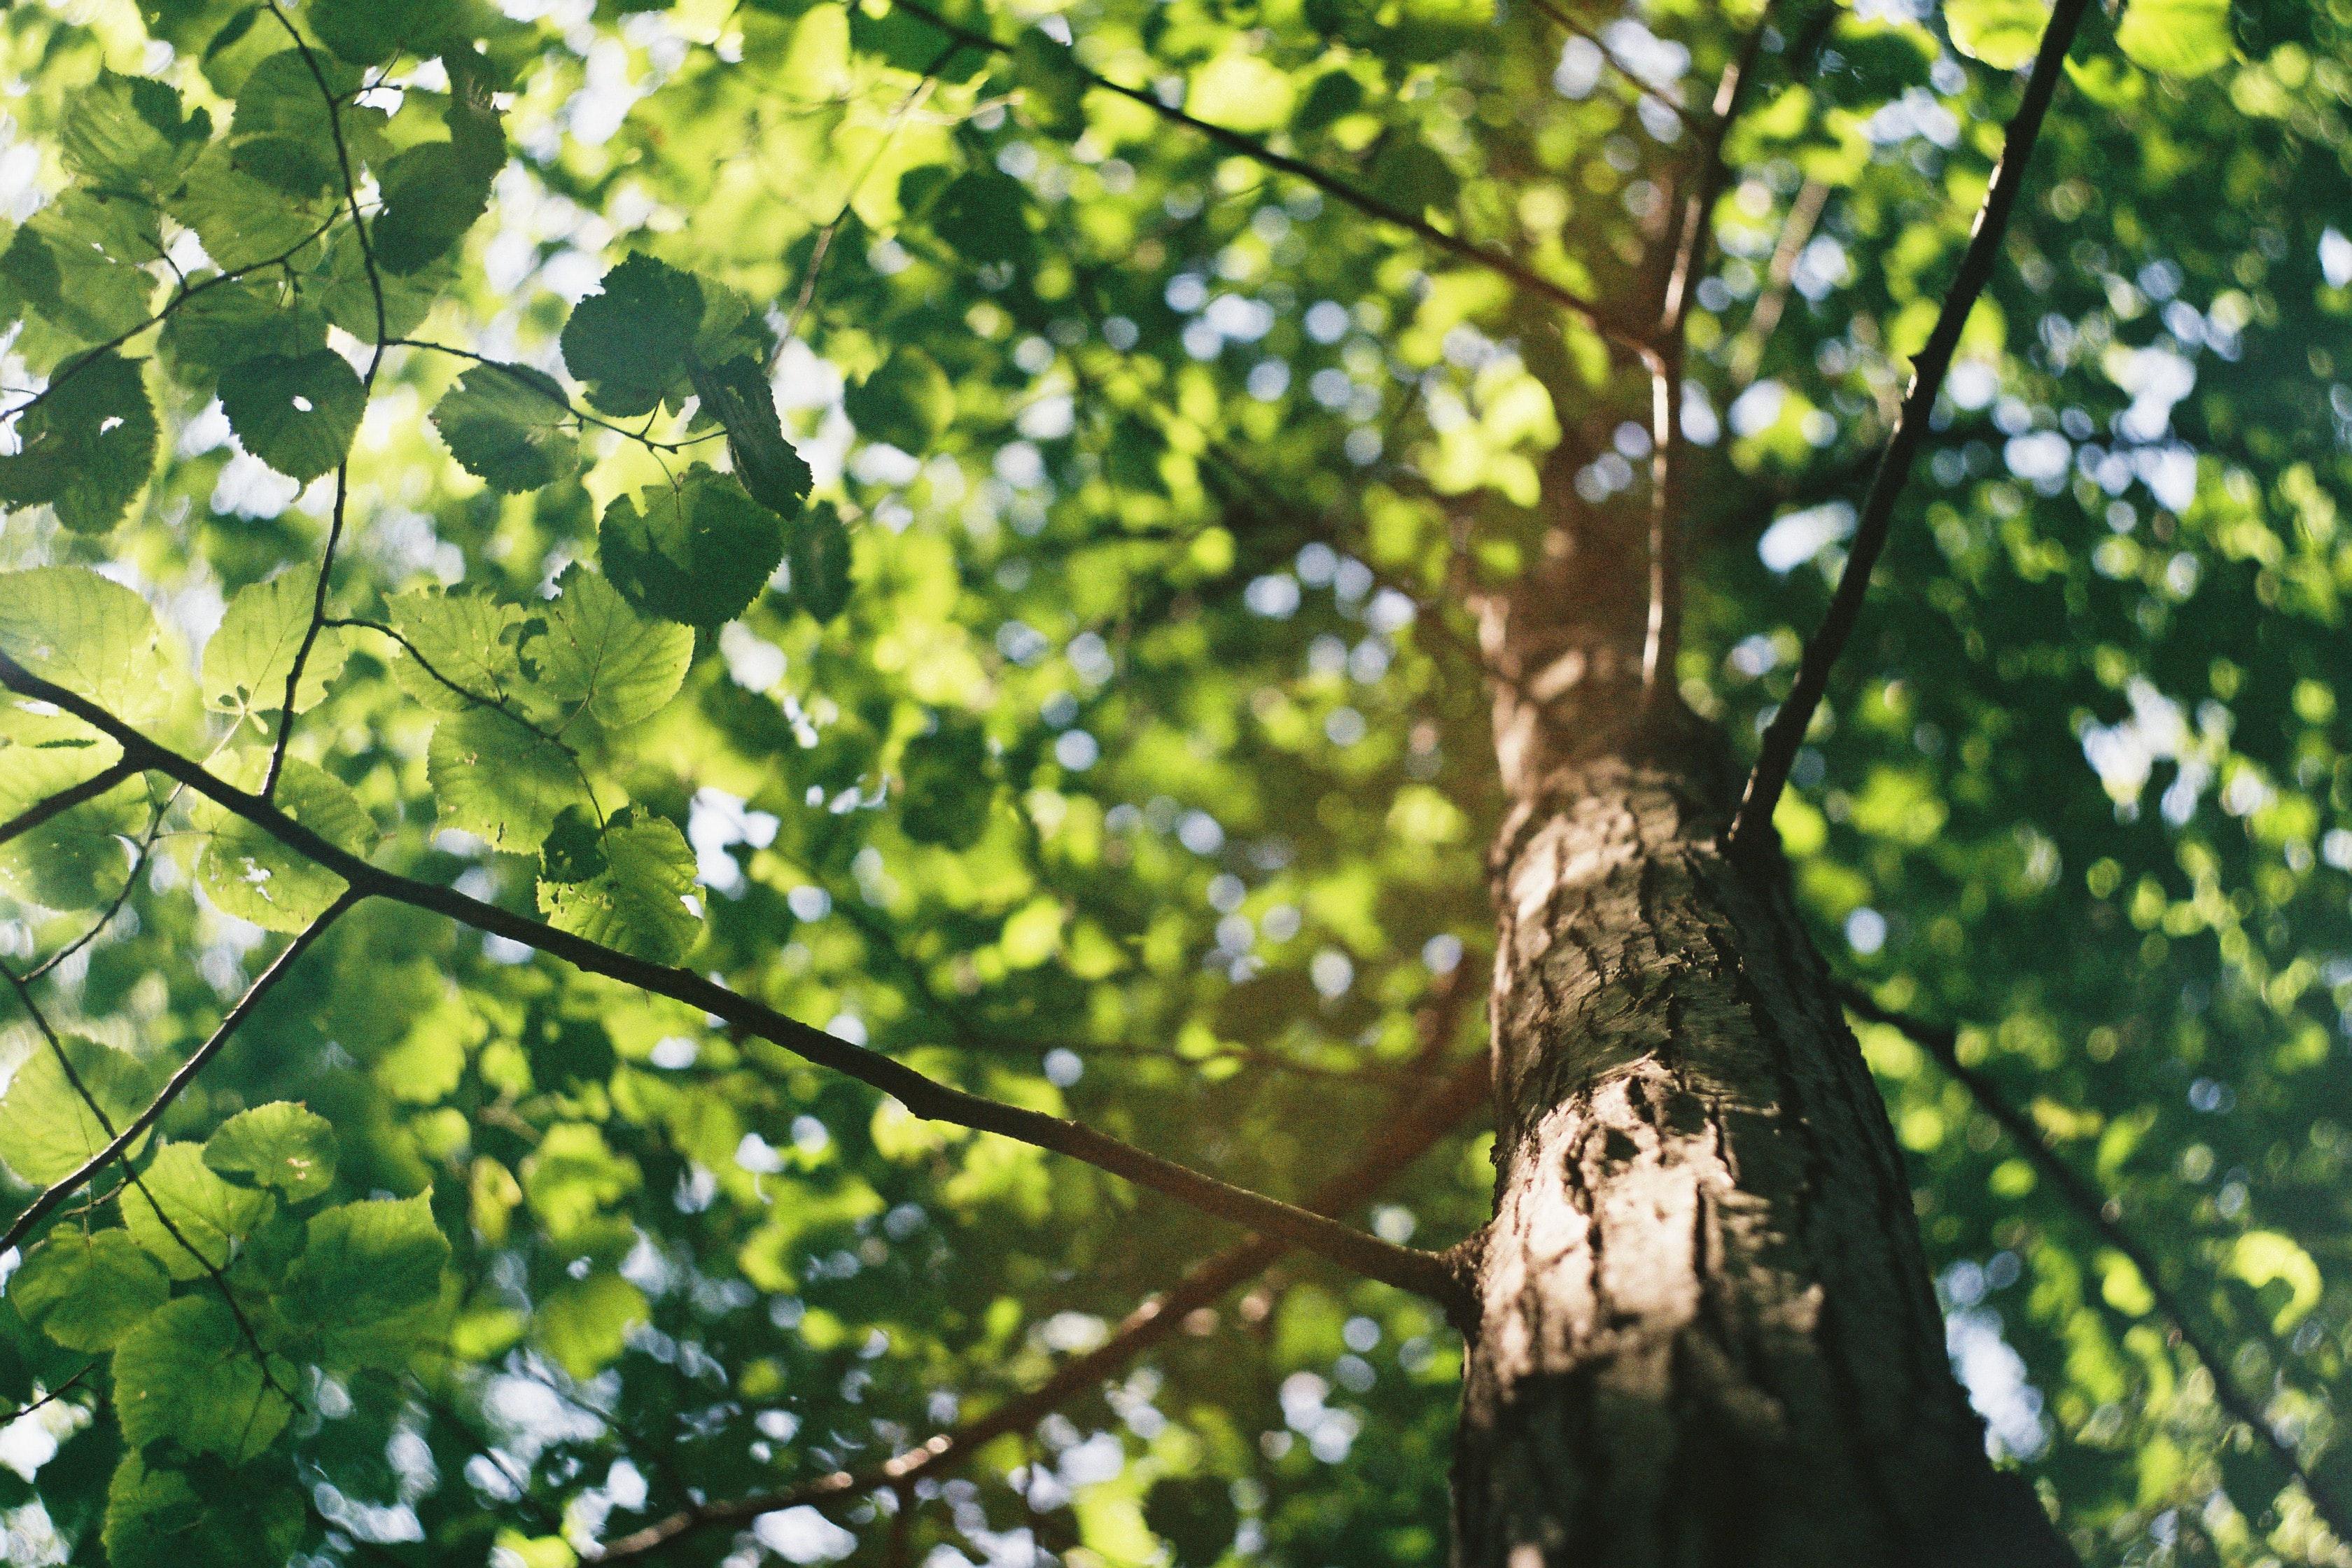 В Екатеринбурге хотят сохранить вековые деревья: открыт благотворительный сбор на работы